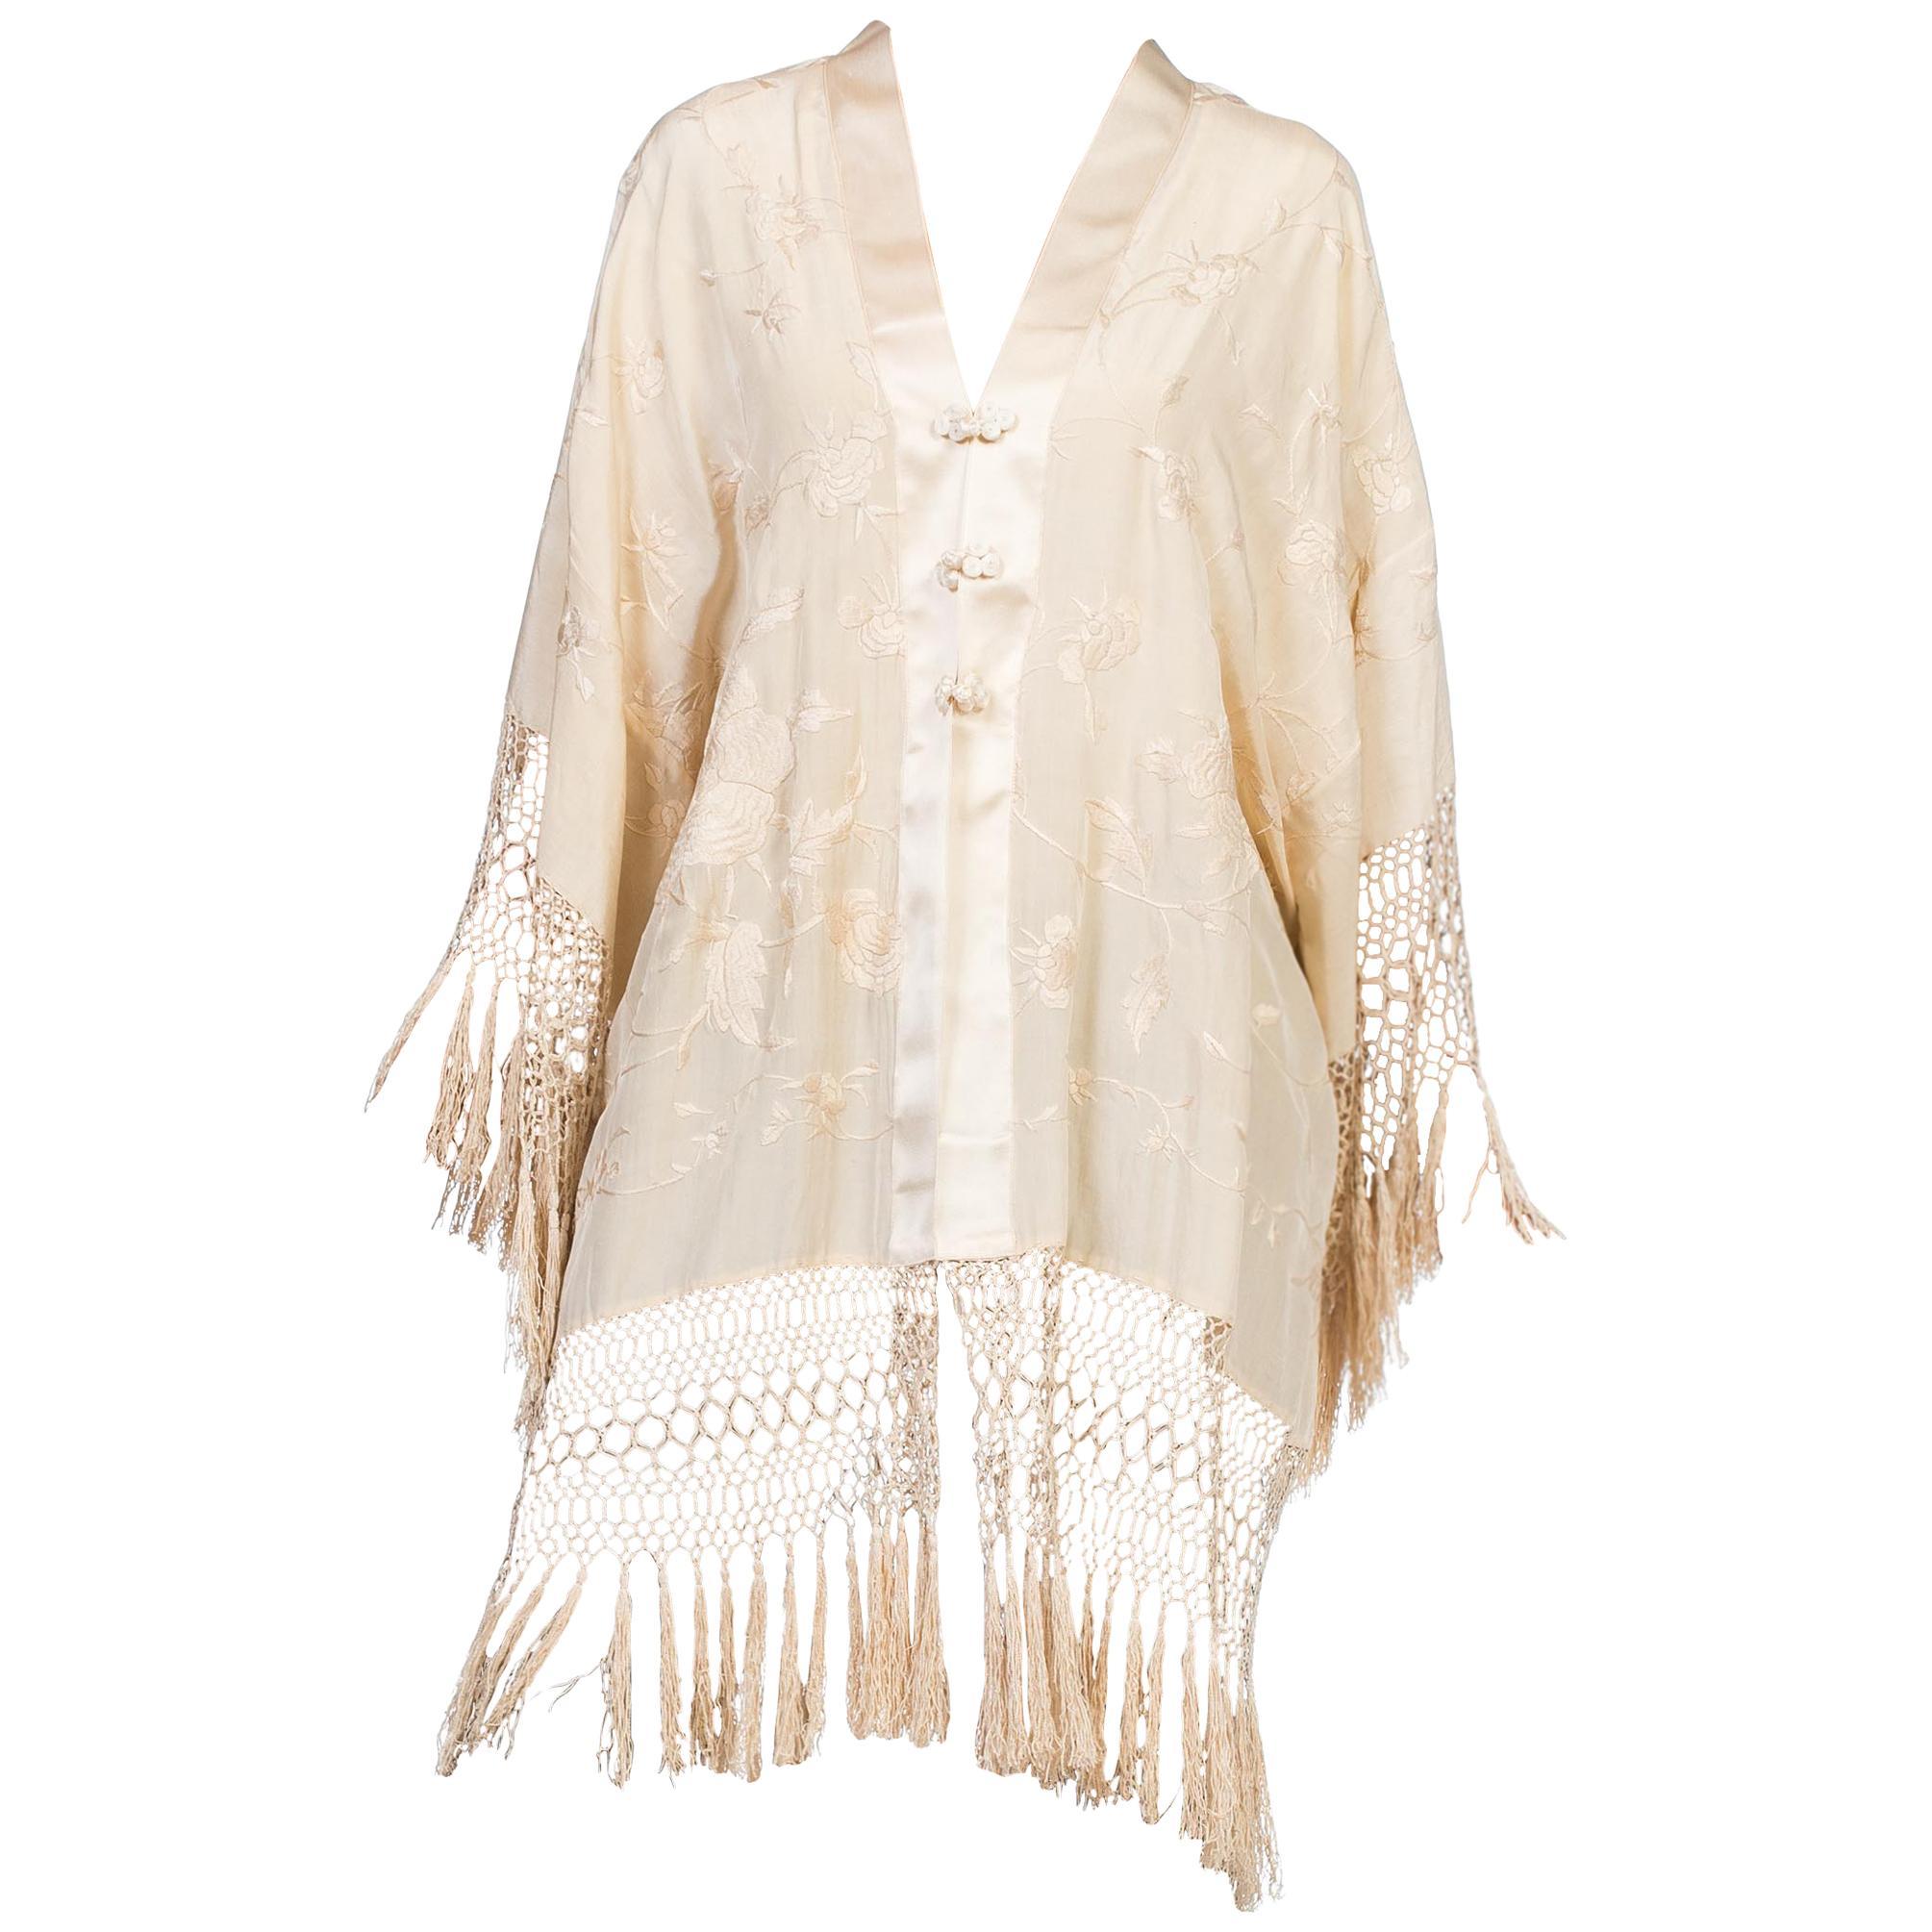 259424421d8 Vintage and Designer Clothing - 47